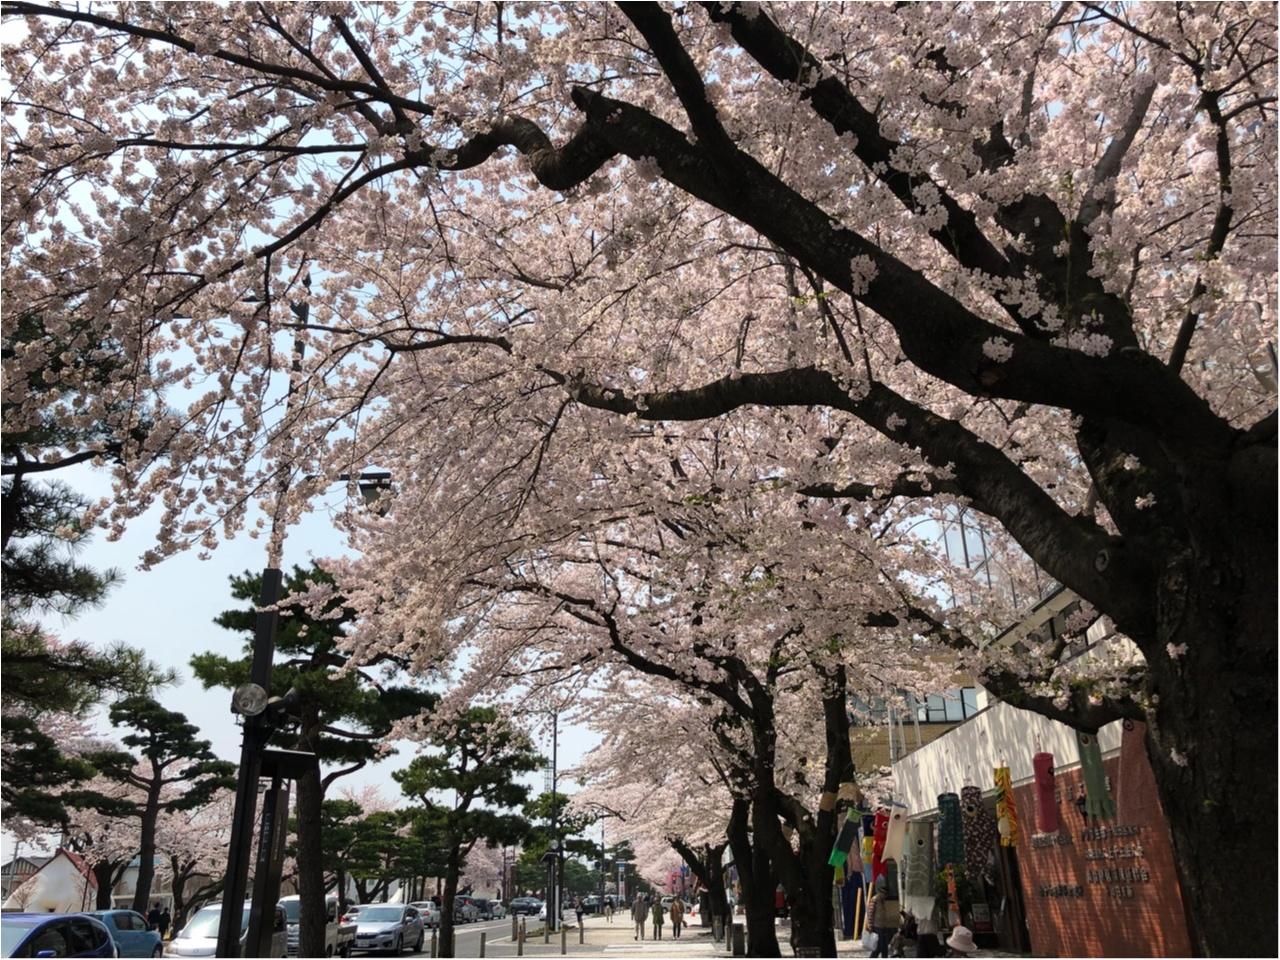 【あんバター好きのカフェ巡り】十和田の街中にある古民家カフェ『カフェミルマウンテン』で癒しのひとときを_5